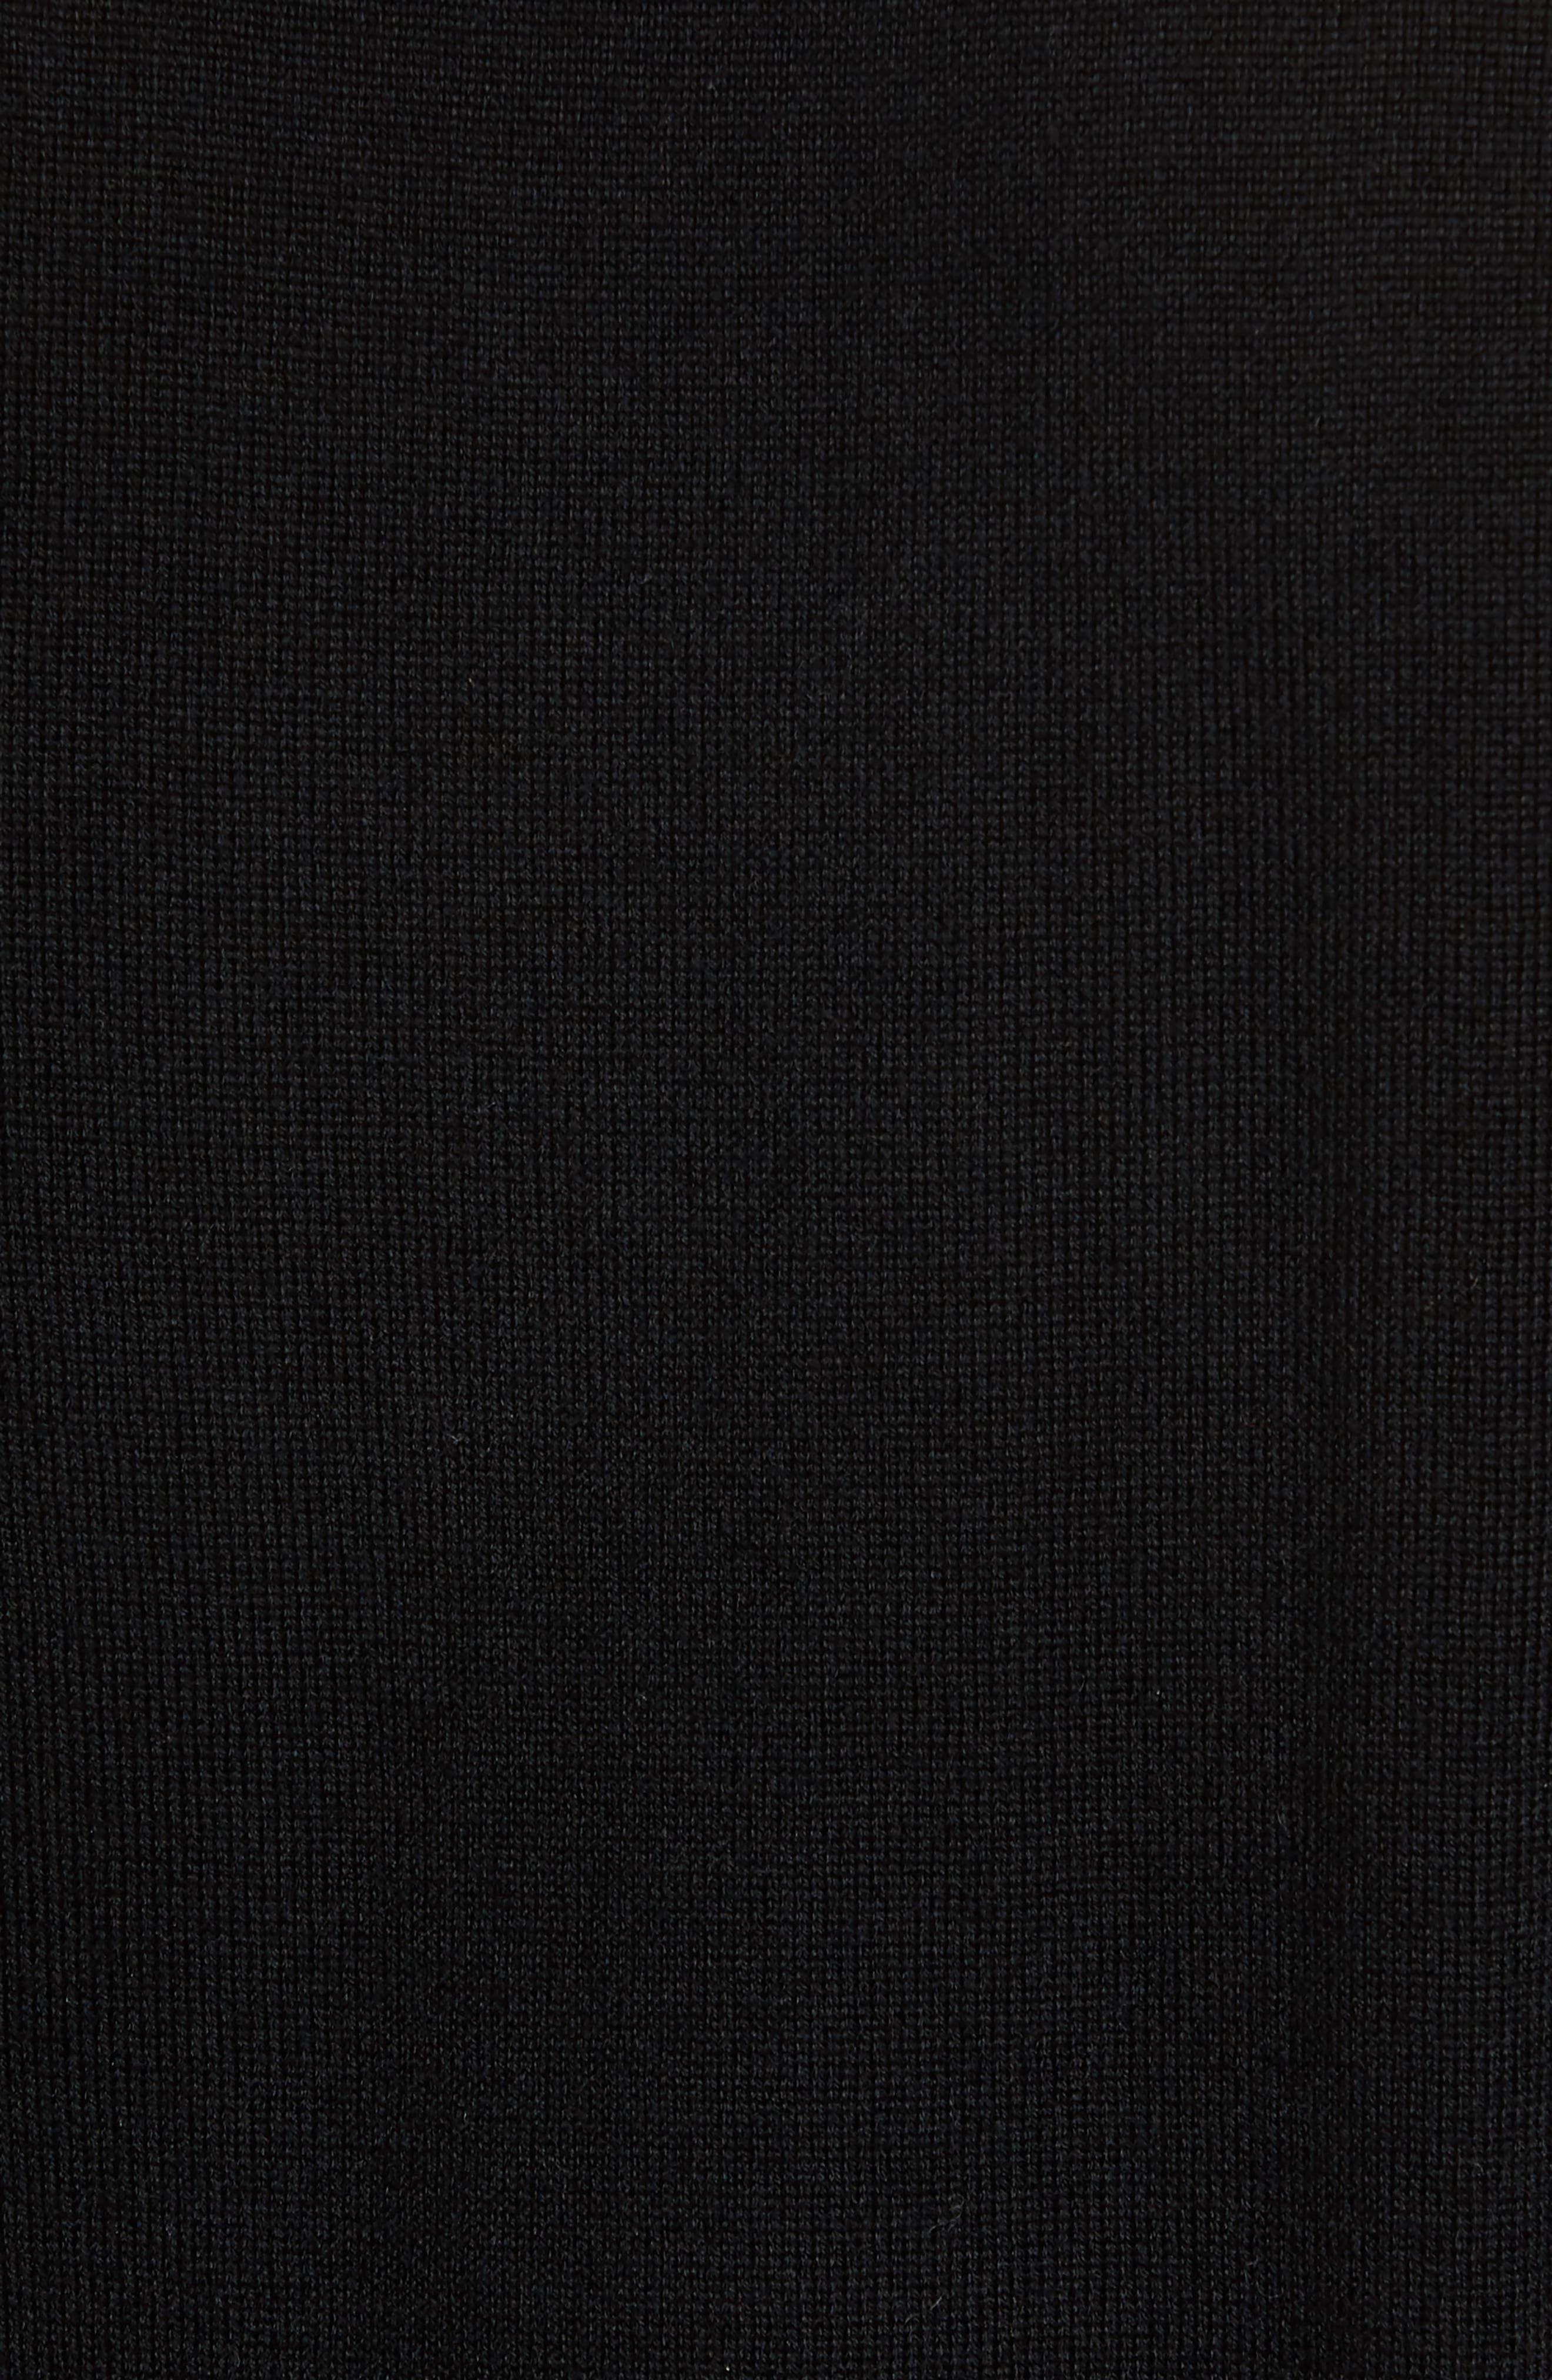 Merino V-Neck Sweater,                             Alternate thumbnail 5, color,                             001